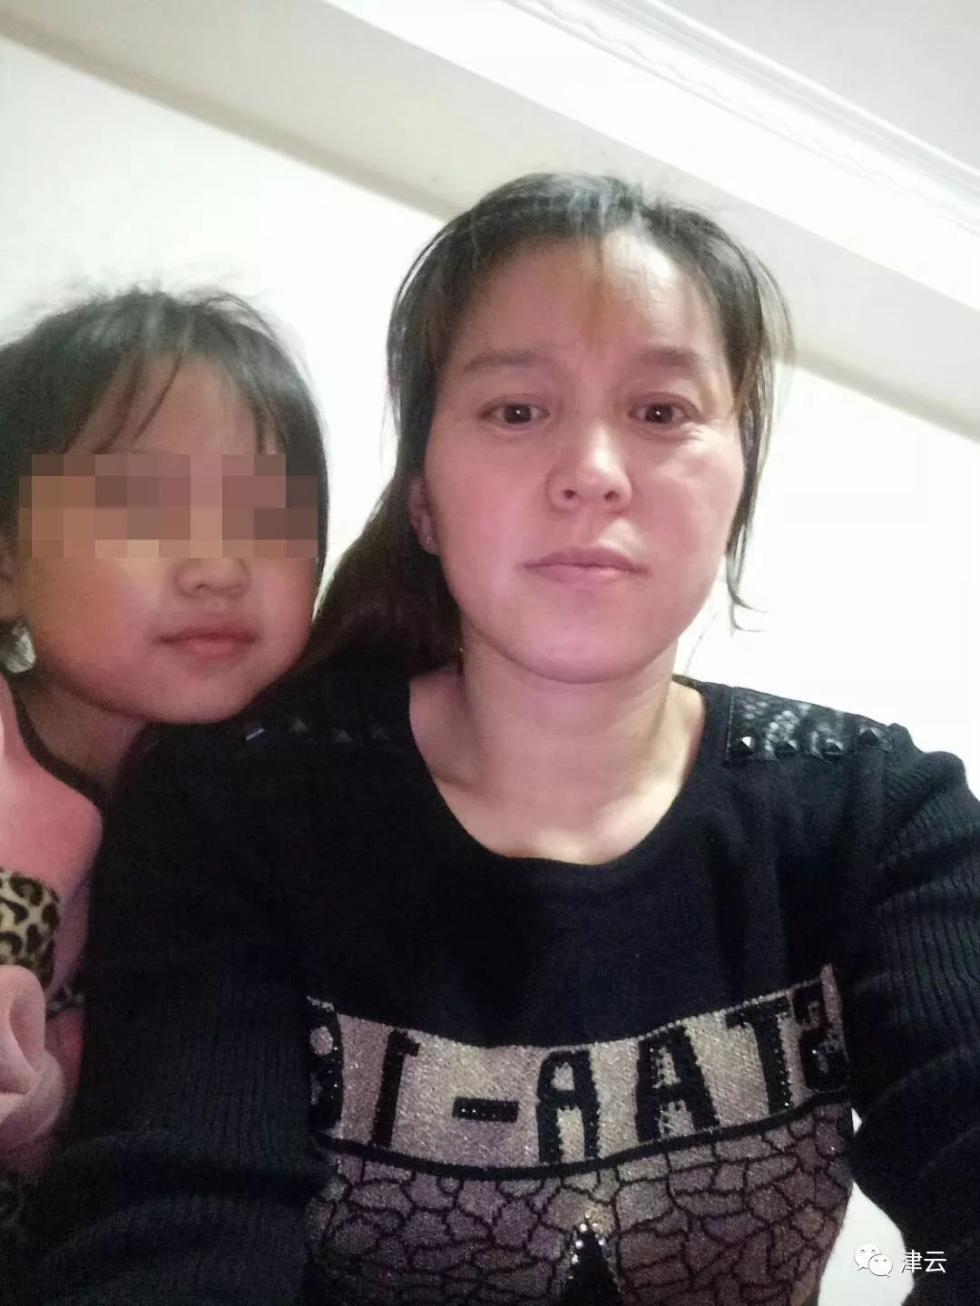 大连10岁女童被杀害后:家属已提起民事诉讼,凶手家属两个月仍未道歉